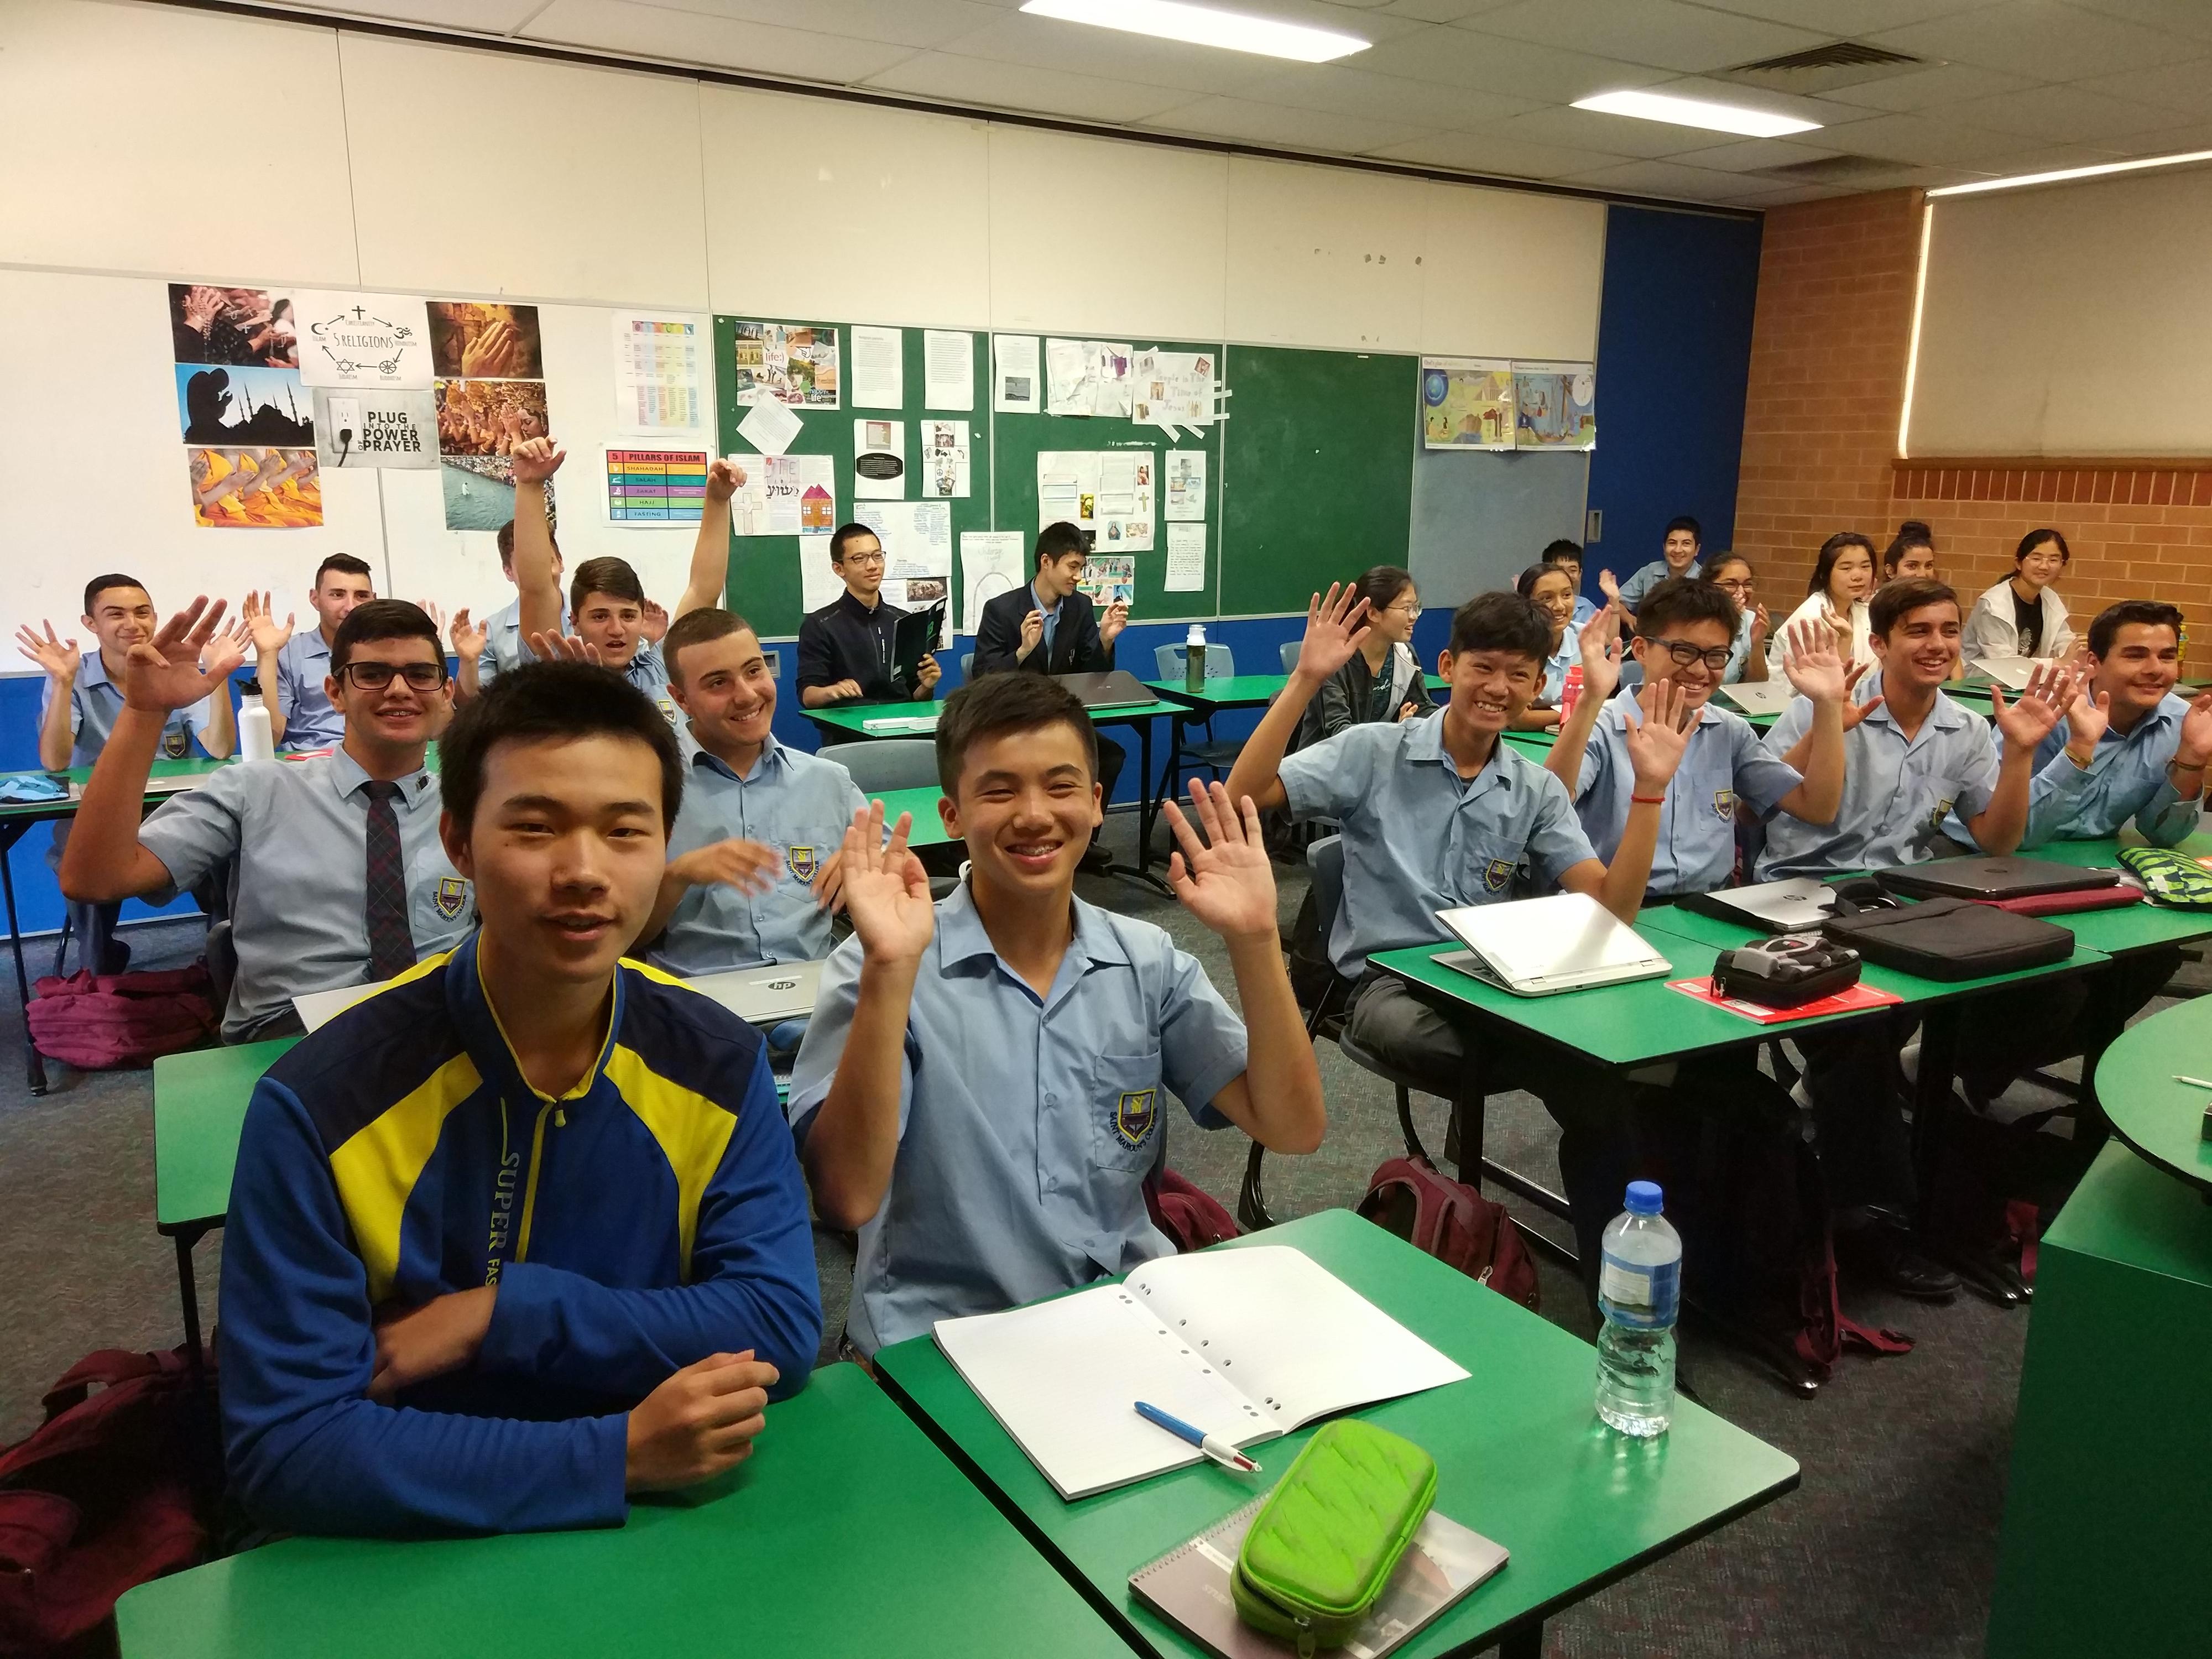 体验真正的澳洲课堂.jpg